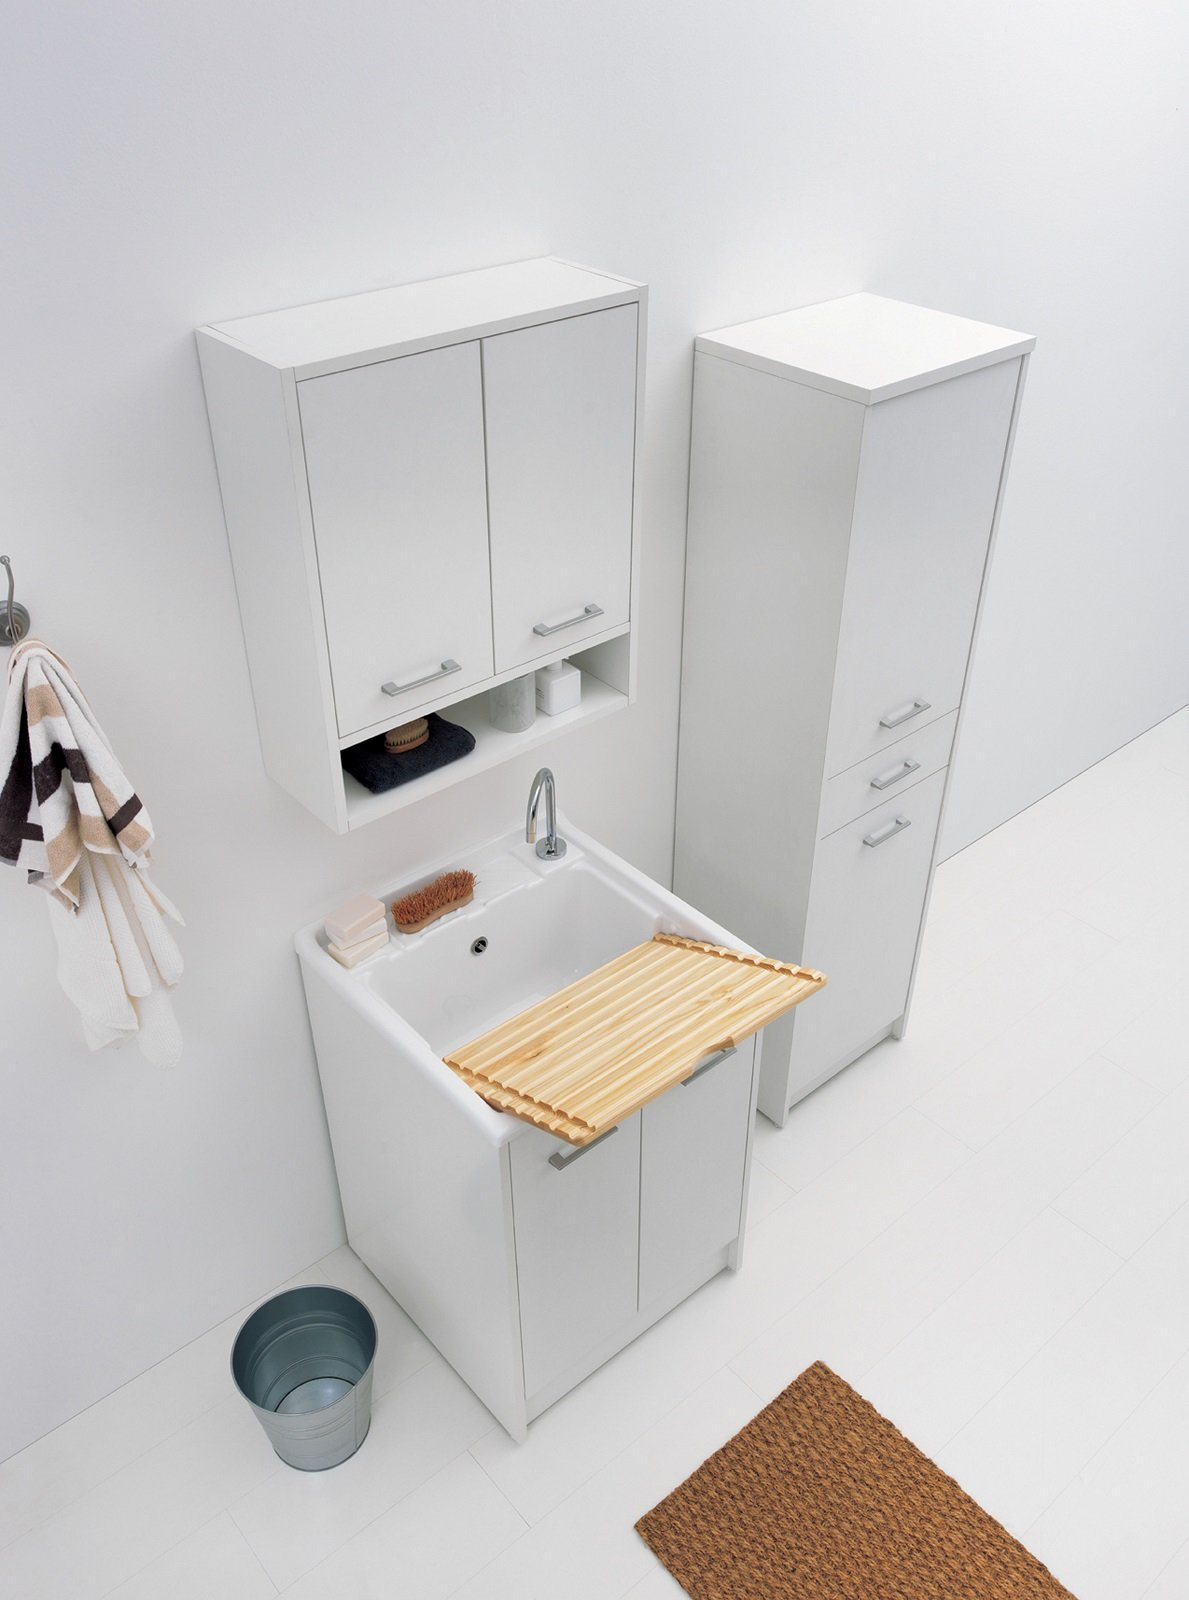 Cesta Bucato Leroy Merlin lavanderia: in un mobile o in una stanza separata? - cose di